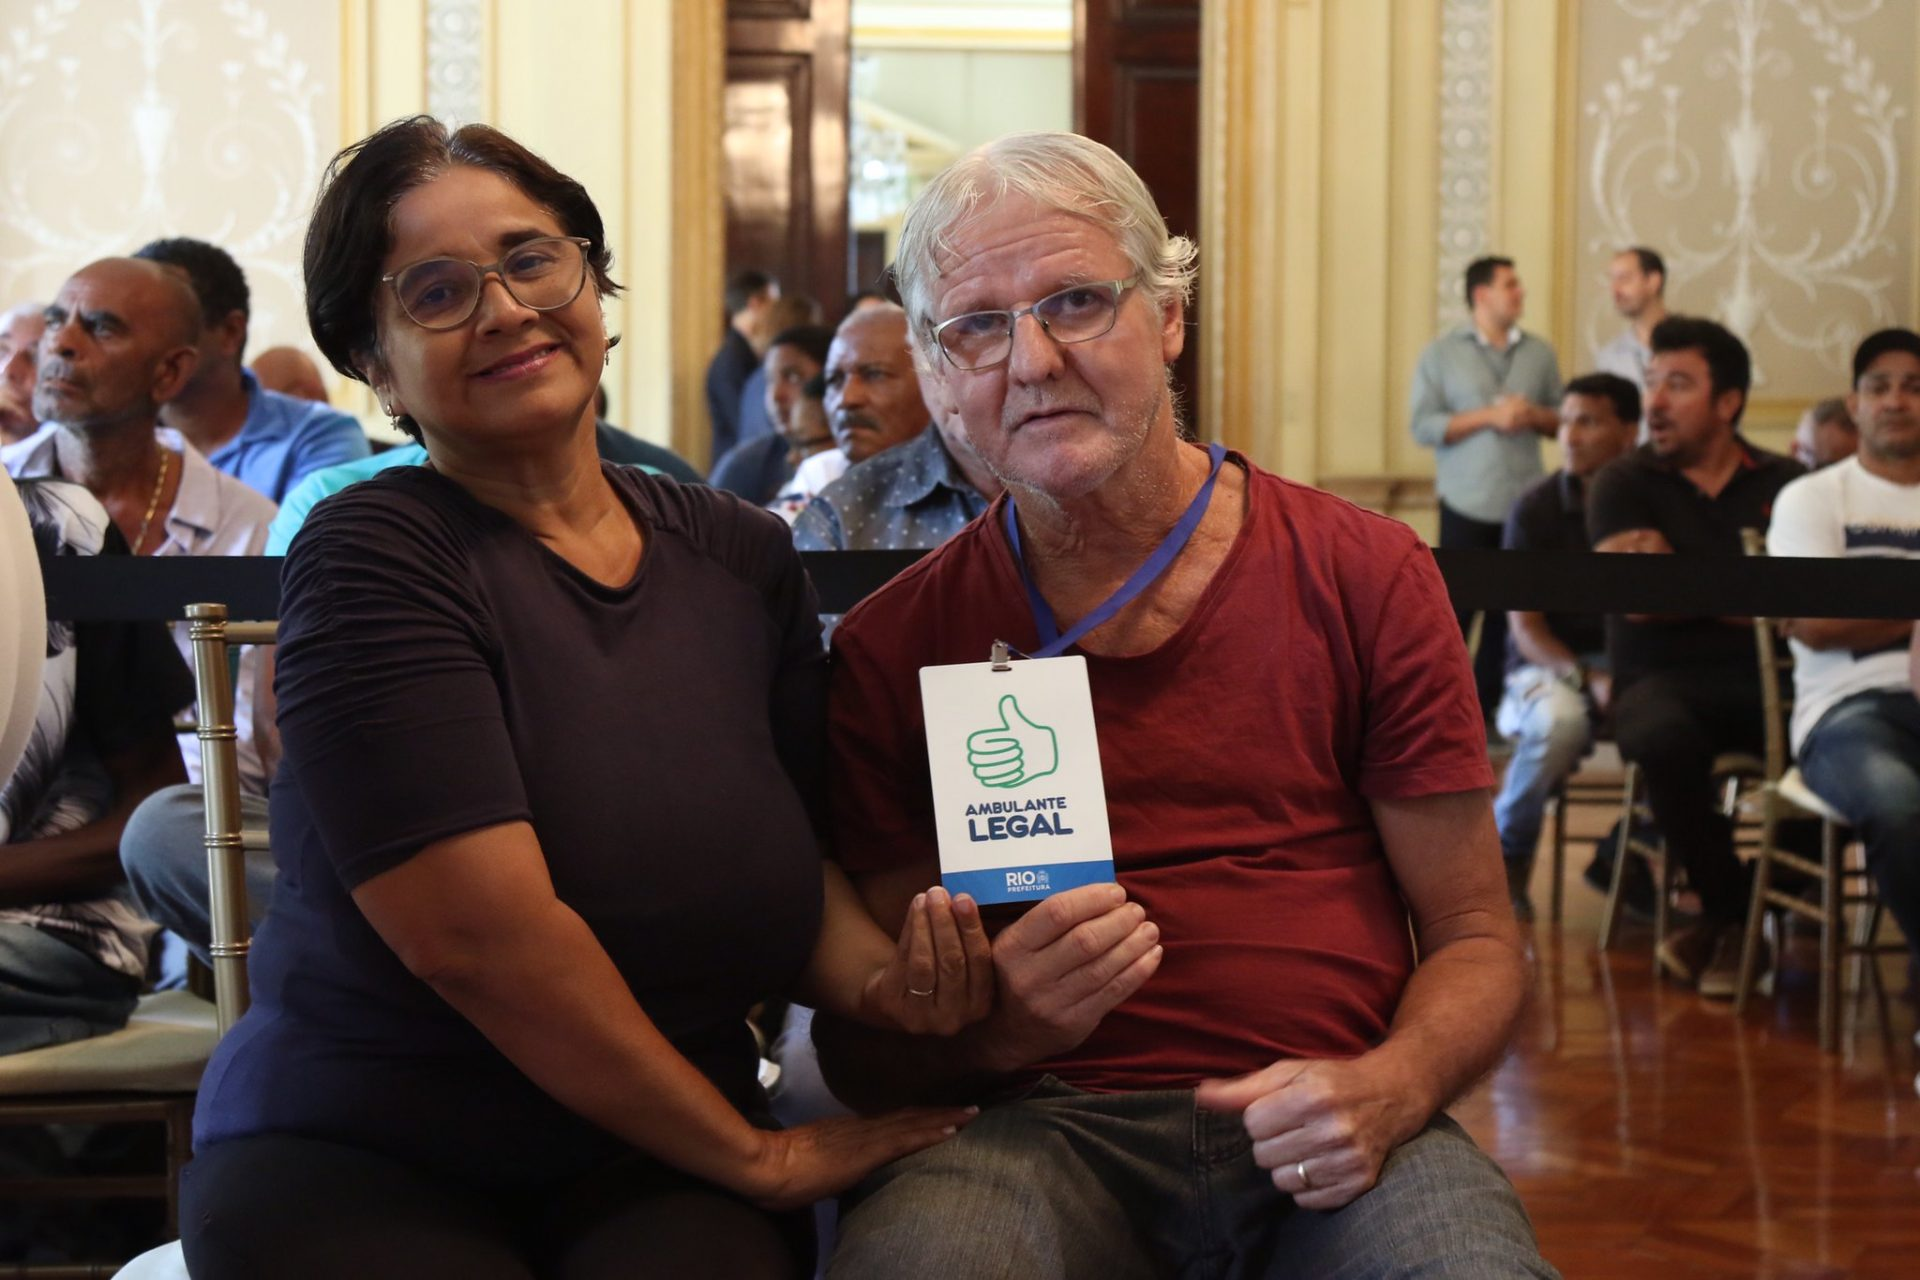 Carmem Regina e Paulo Roberto exibem o crachá do Ambulante Legal. Foto: Hudson Pontes / Prefeitura do Rio